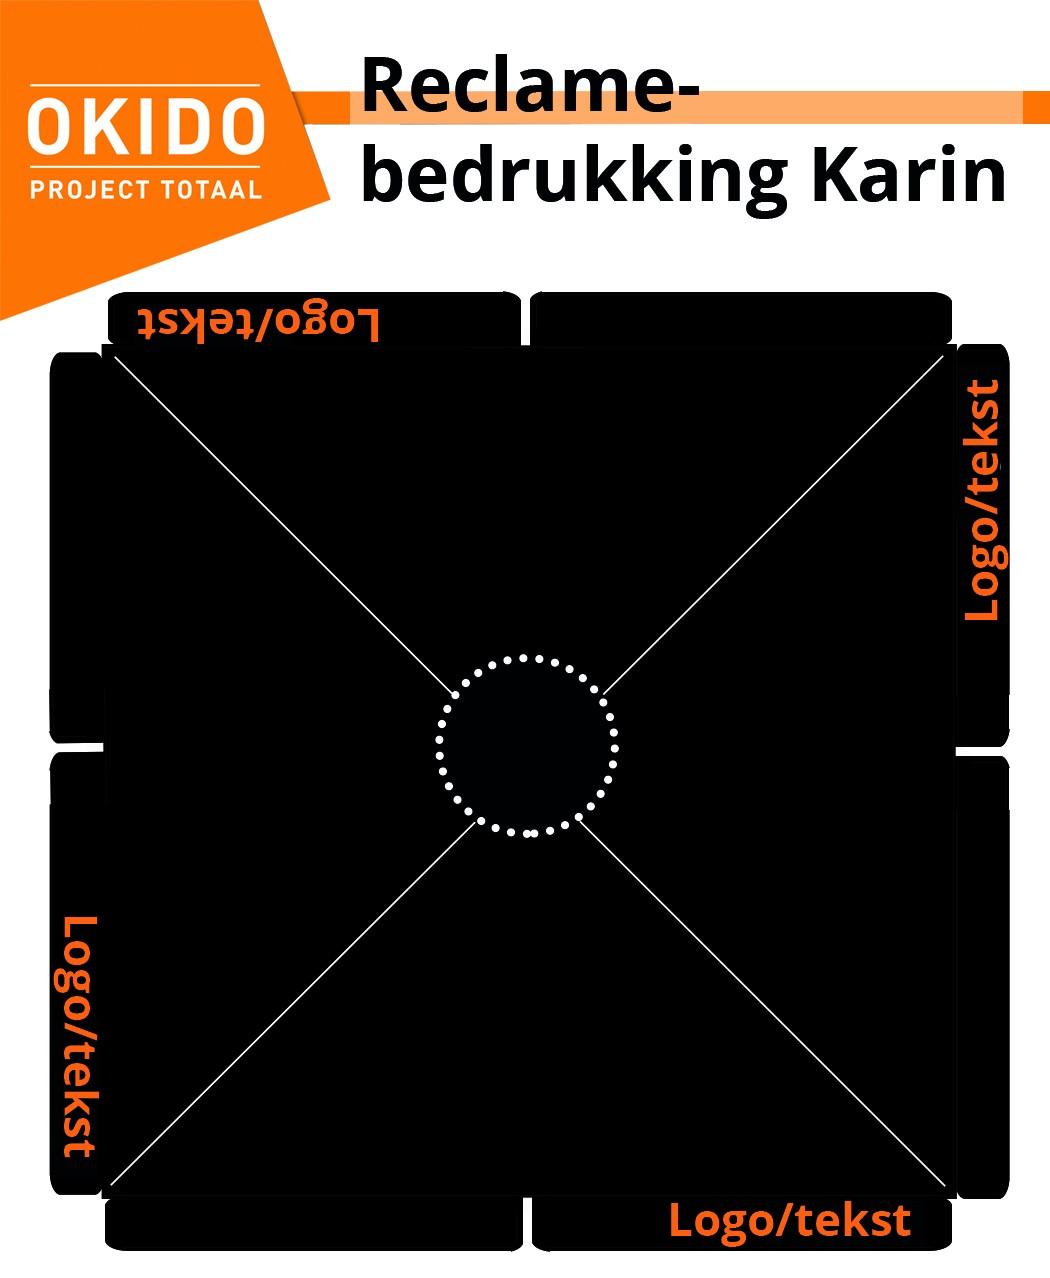 8380 - Reclamebedrukking Karin